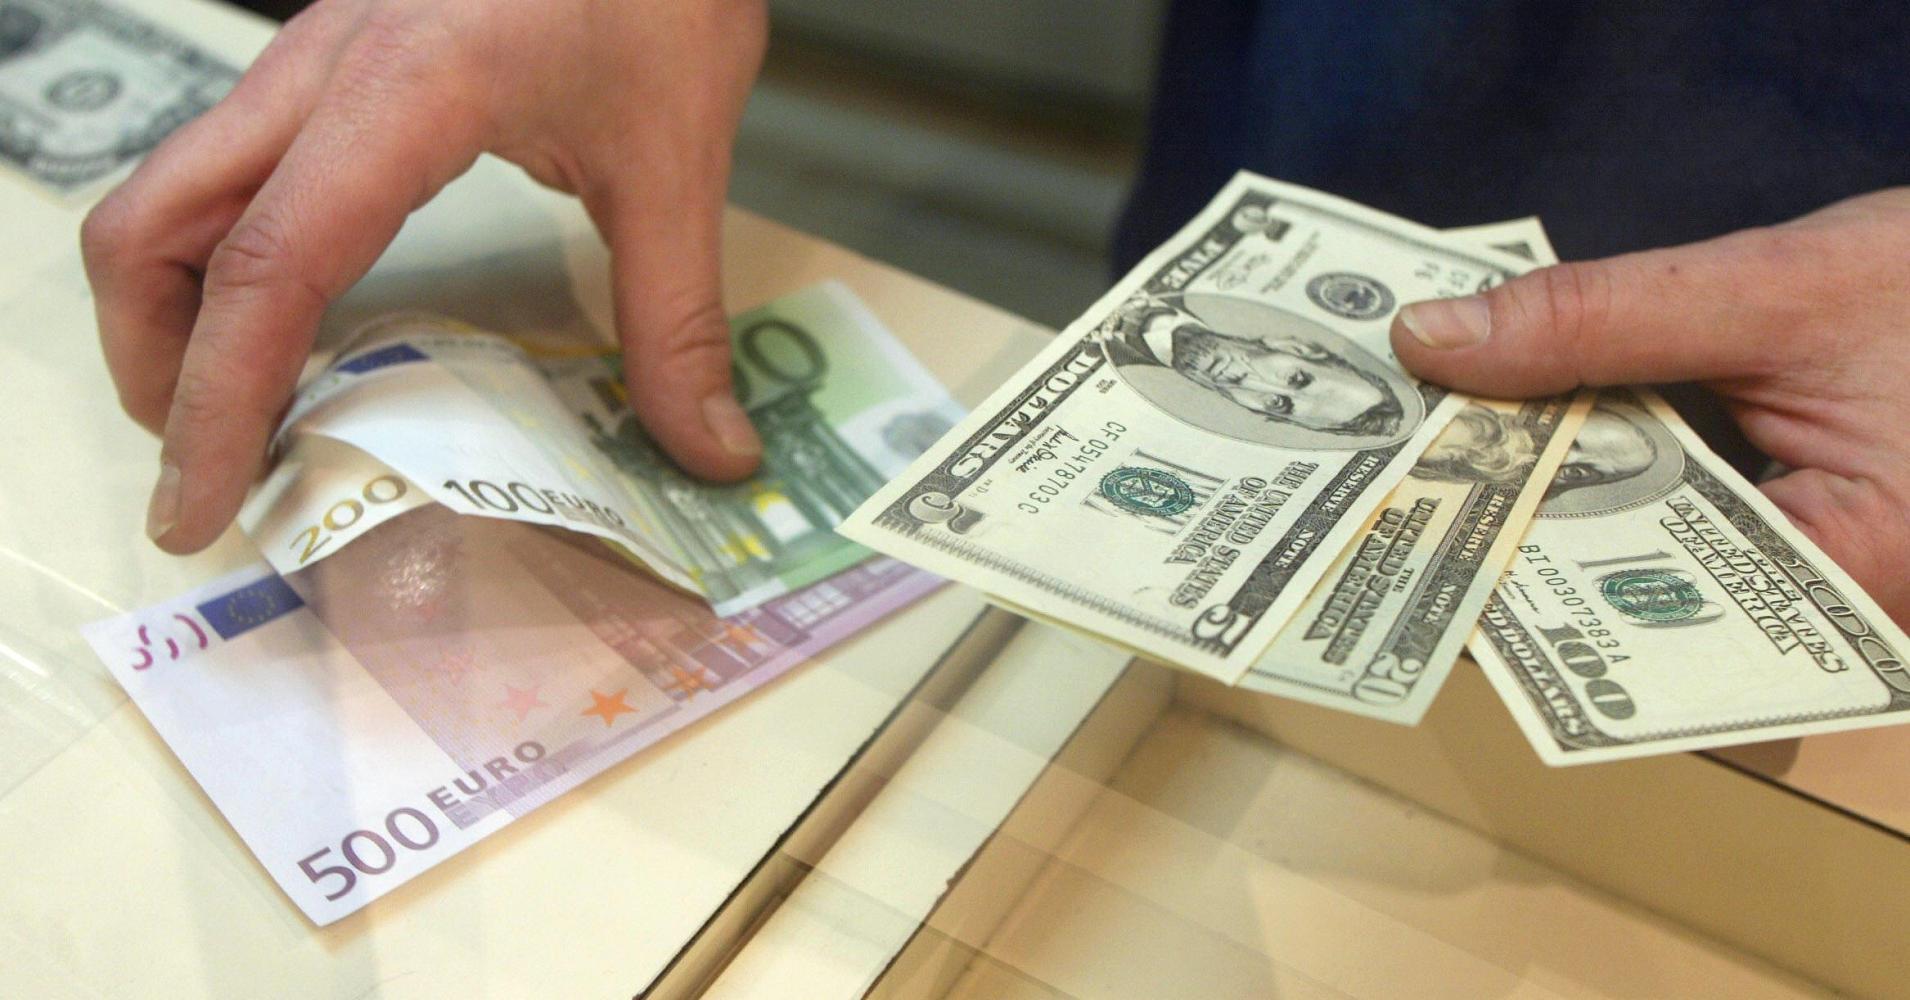 قیمت دلار در بازار امروز شنبه ۲۸ فروردین ۱۴۰۰/ نرخ رسمی انواع ارز در بانک مرکزی